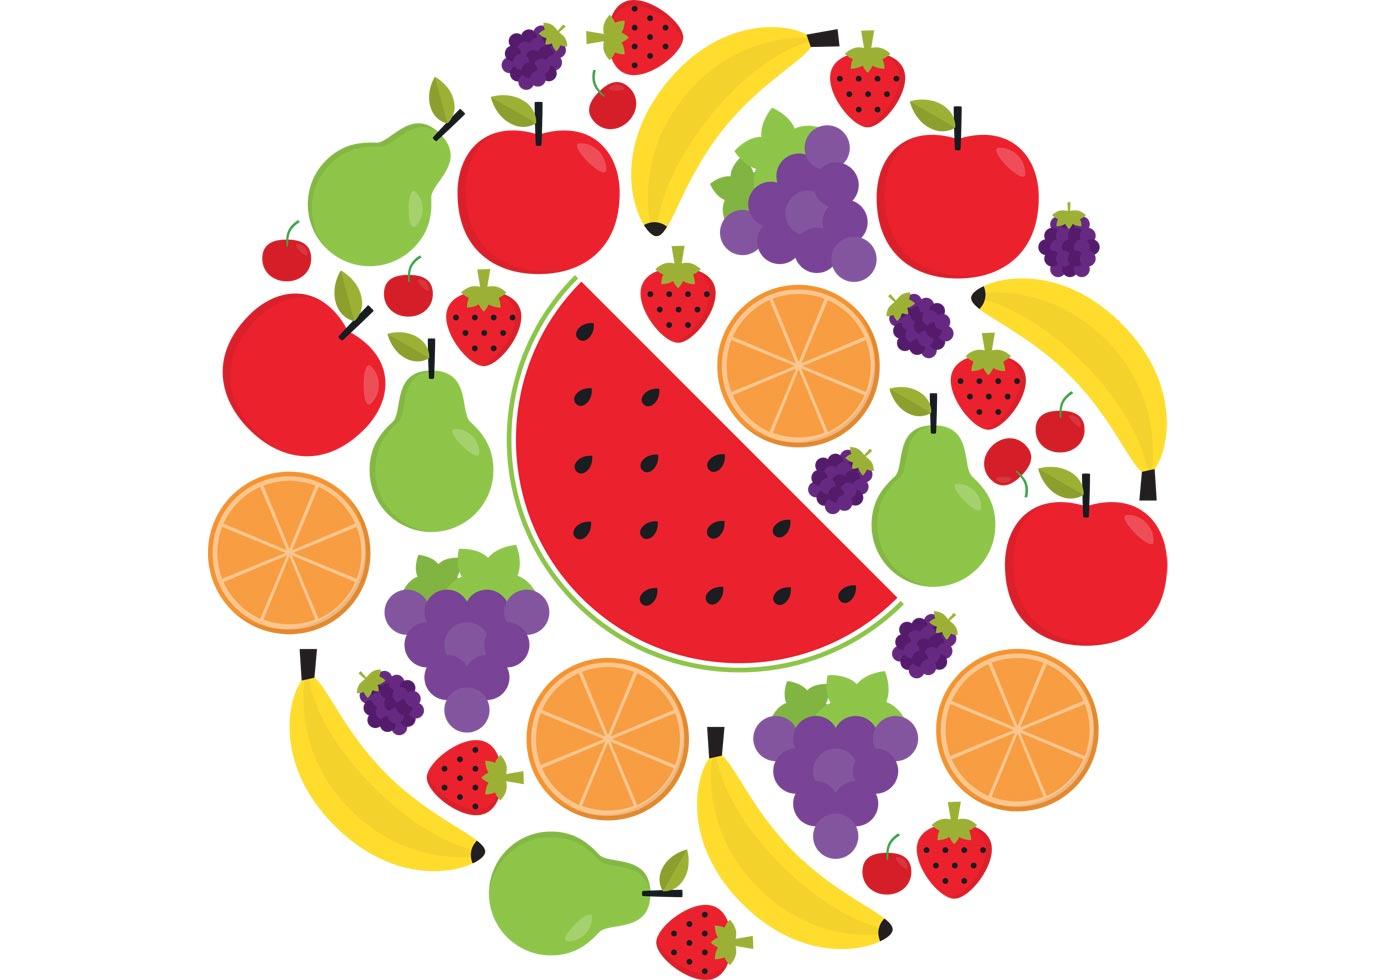 Fruit Vector Pack Download Free Vector Art Stock